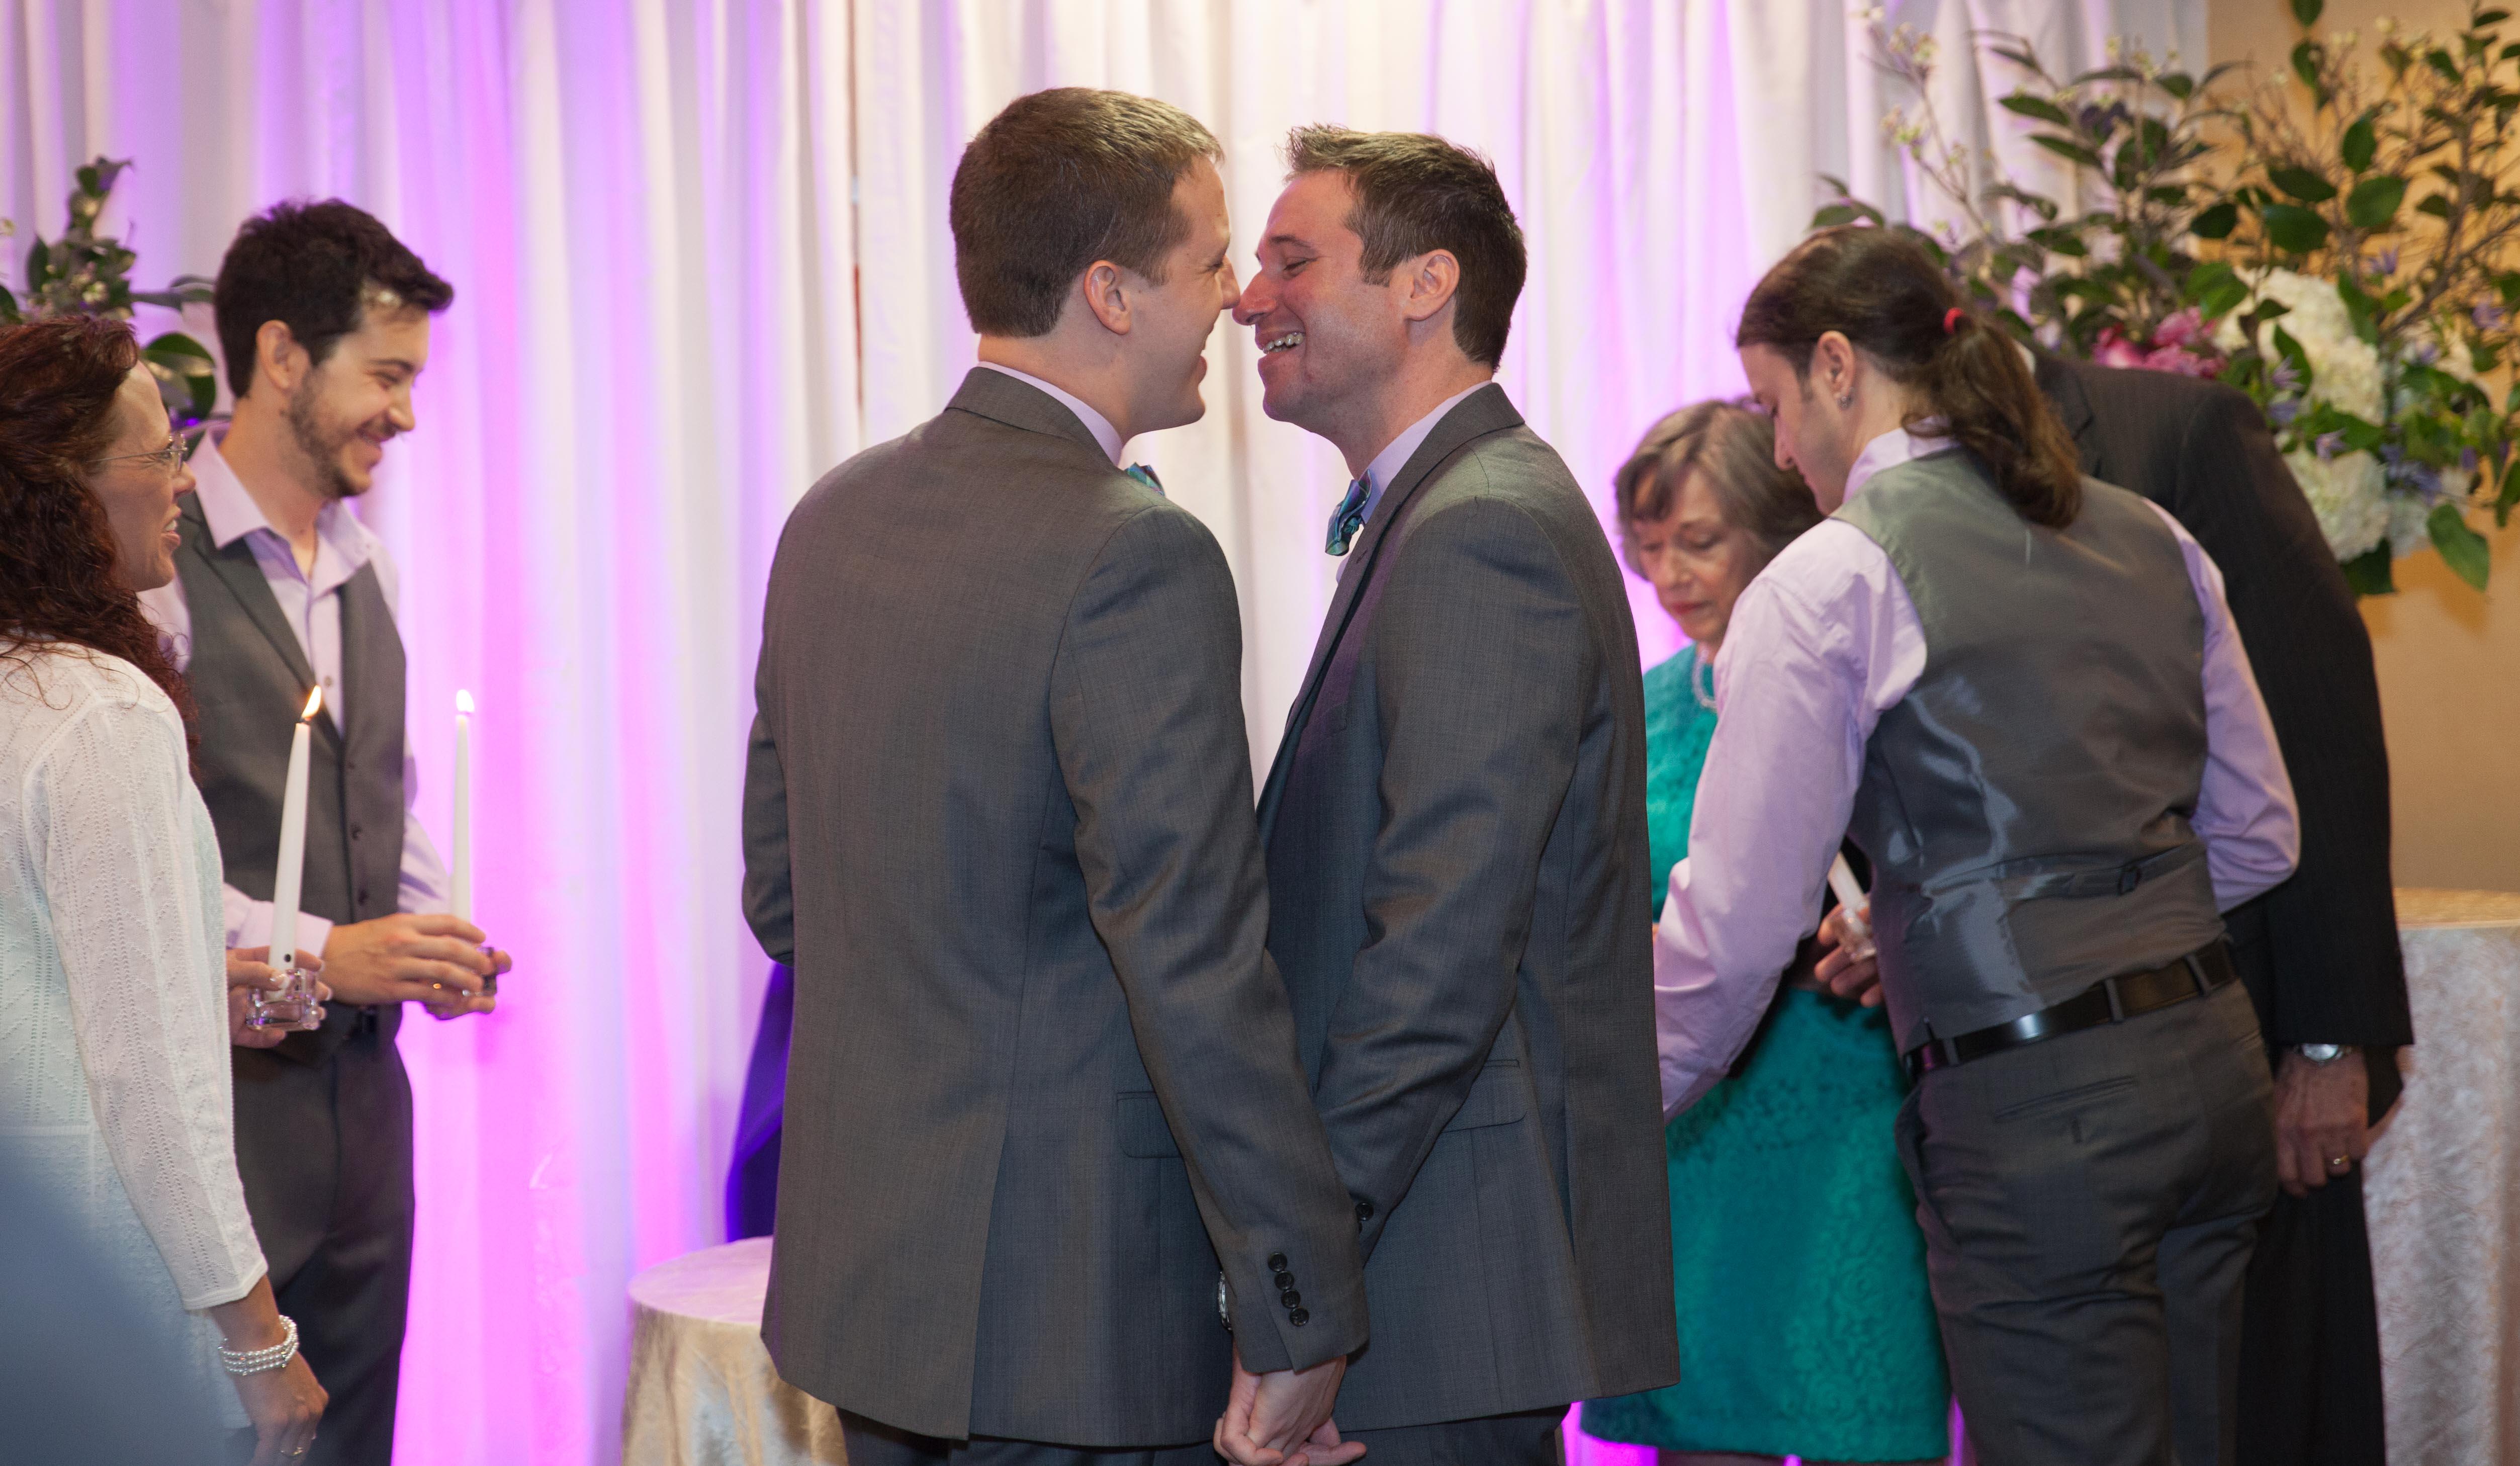 same sex wedding photo taken at the Hyatt Greenwich CT